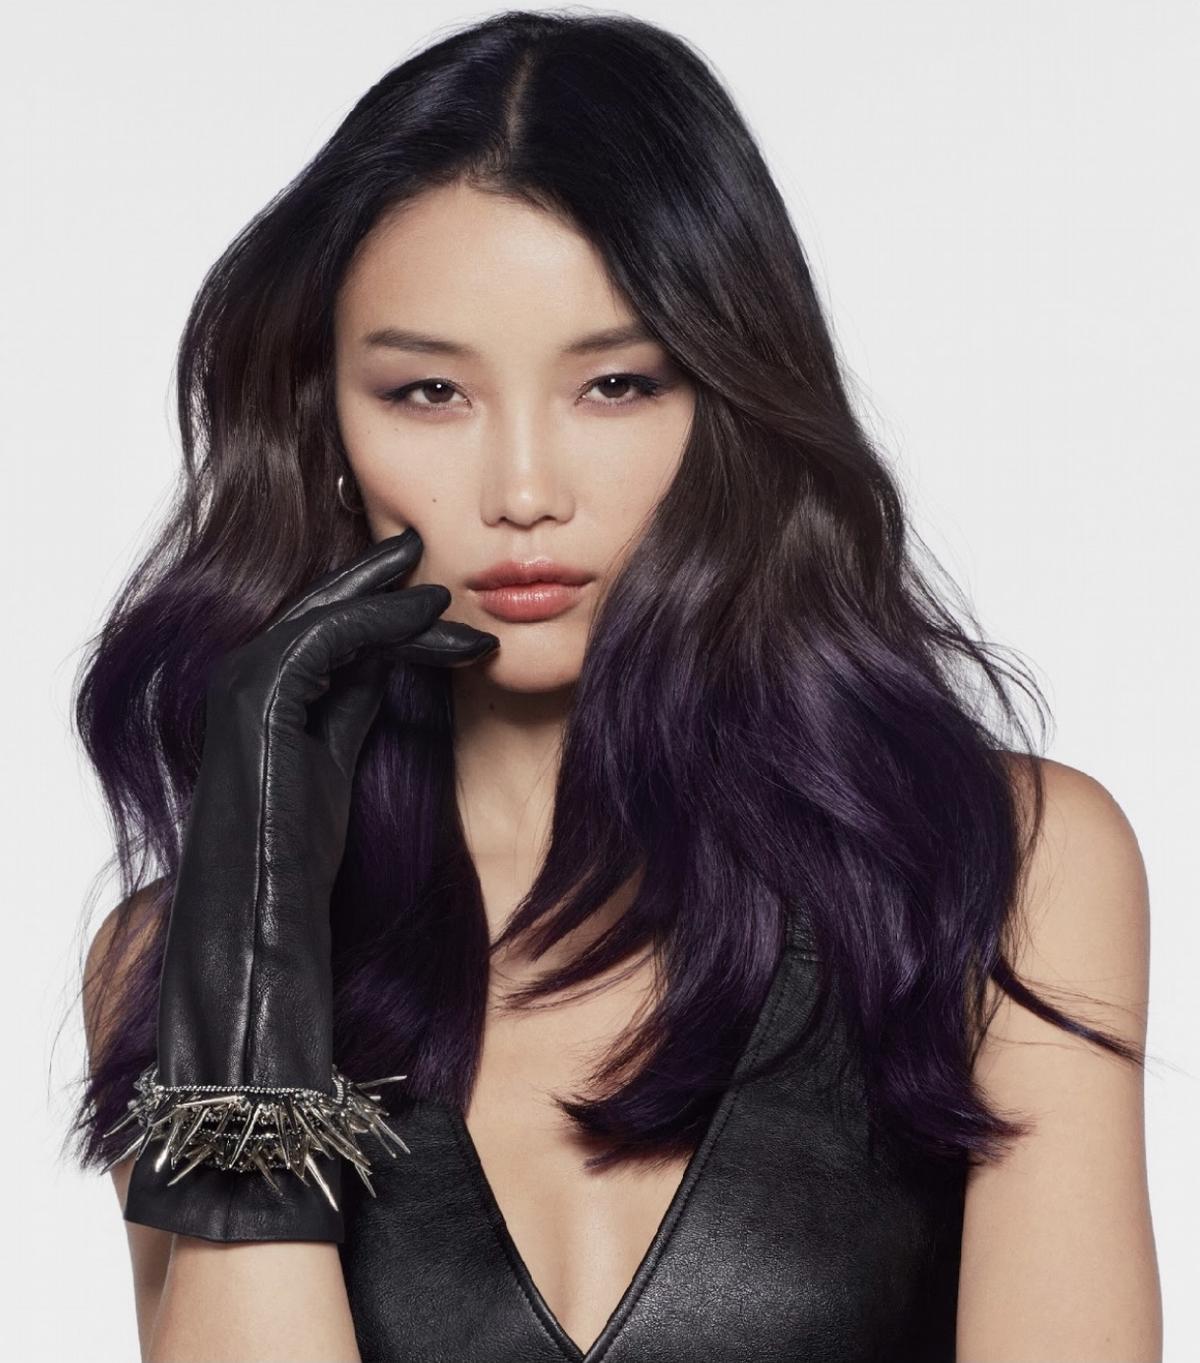 2021 春夏最夯『煙燻手刷染』一定要跟上,玫瑰金、 紅醋栗等髮色絕對讓你感受臉變小的神奇效果!